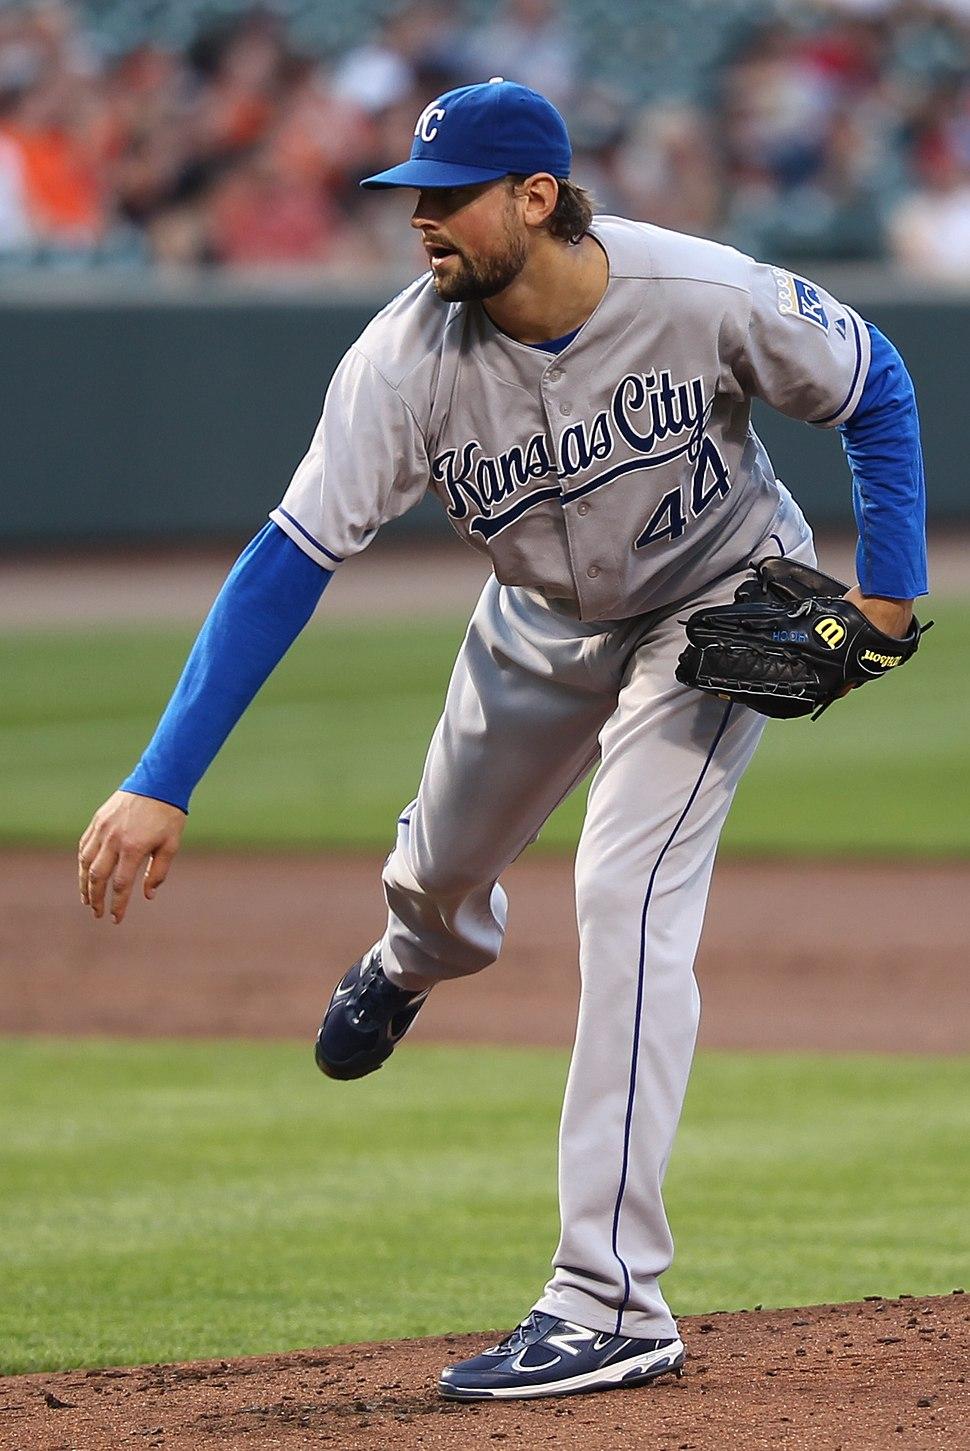 Luke Hochevar on May 25, 2011